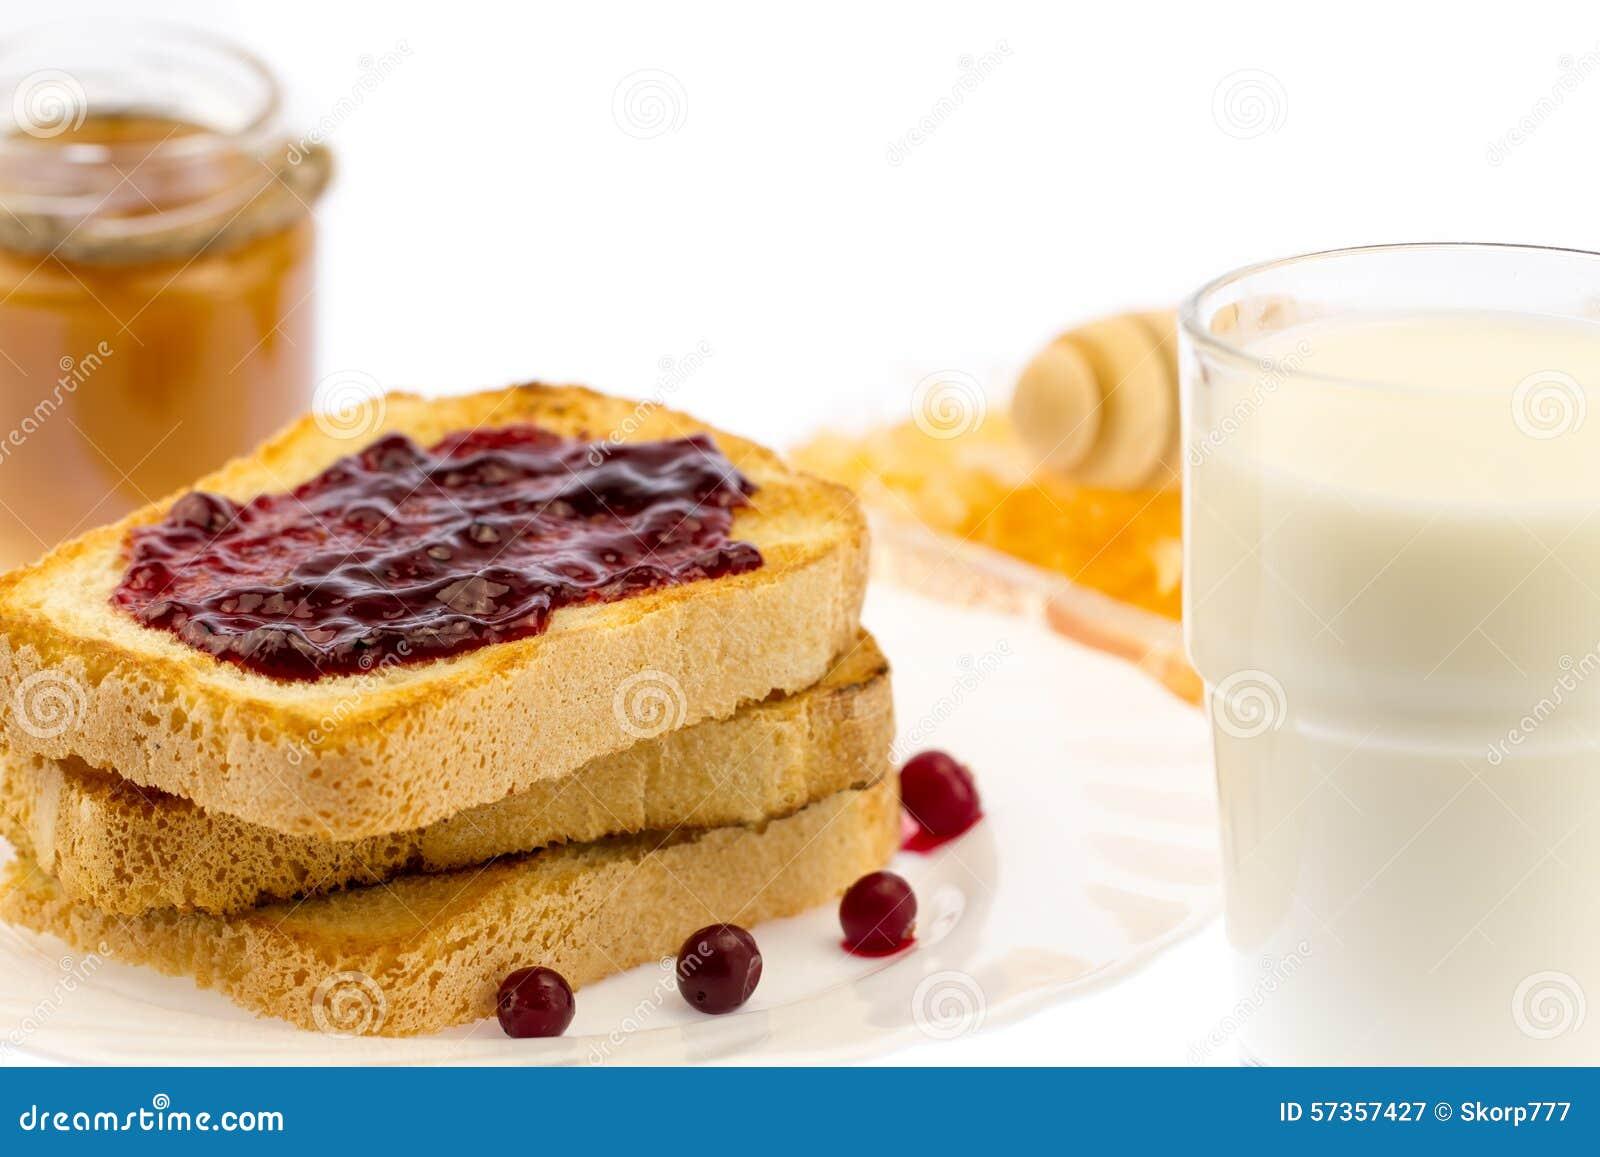 Verse Franse toost met honing en jam op een witte plaat met bessen op een witte achtergrond